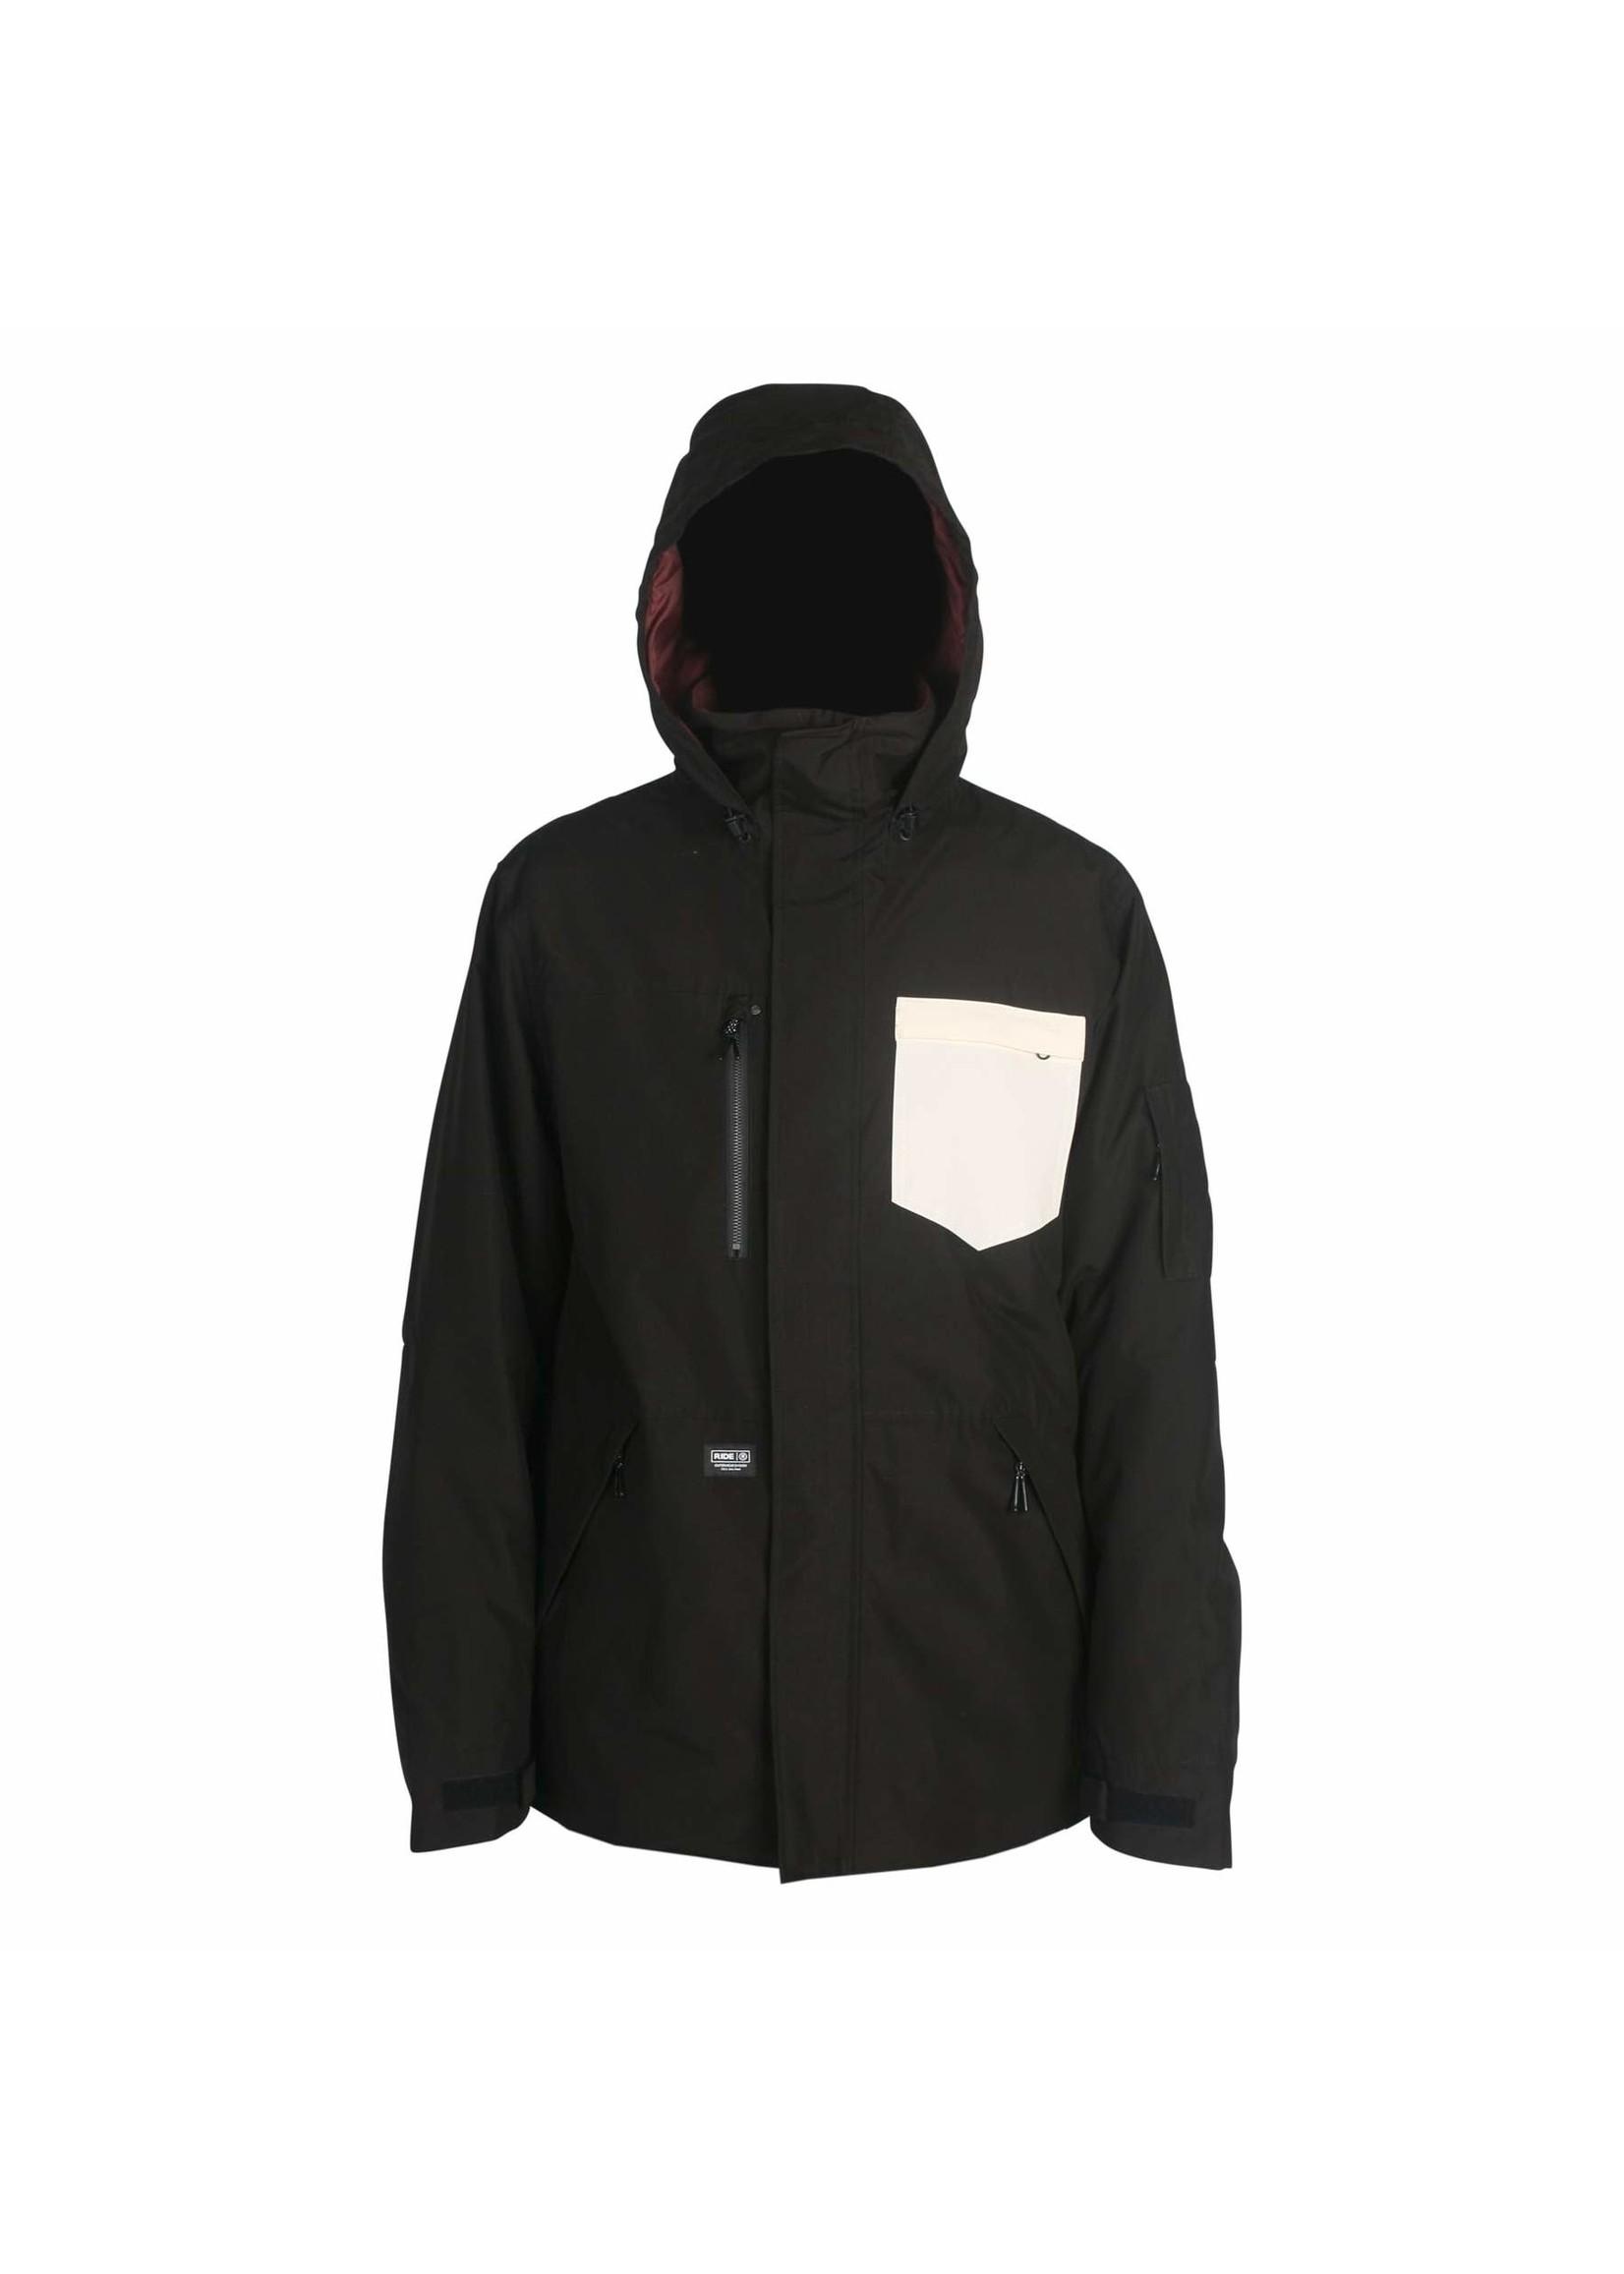 Ride Hillman Jacket